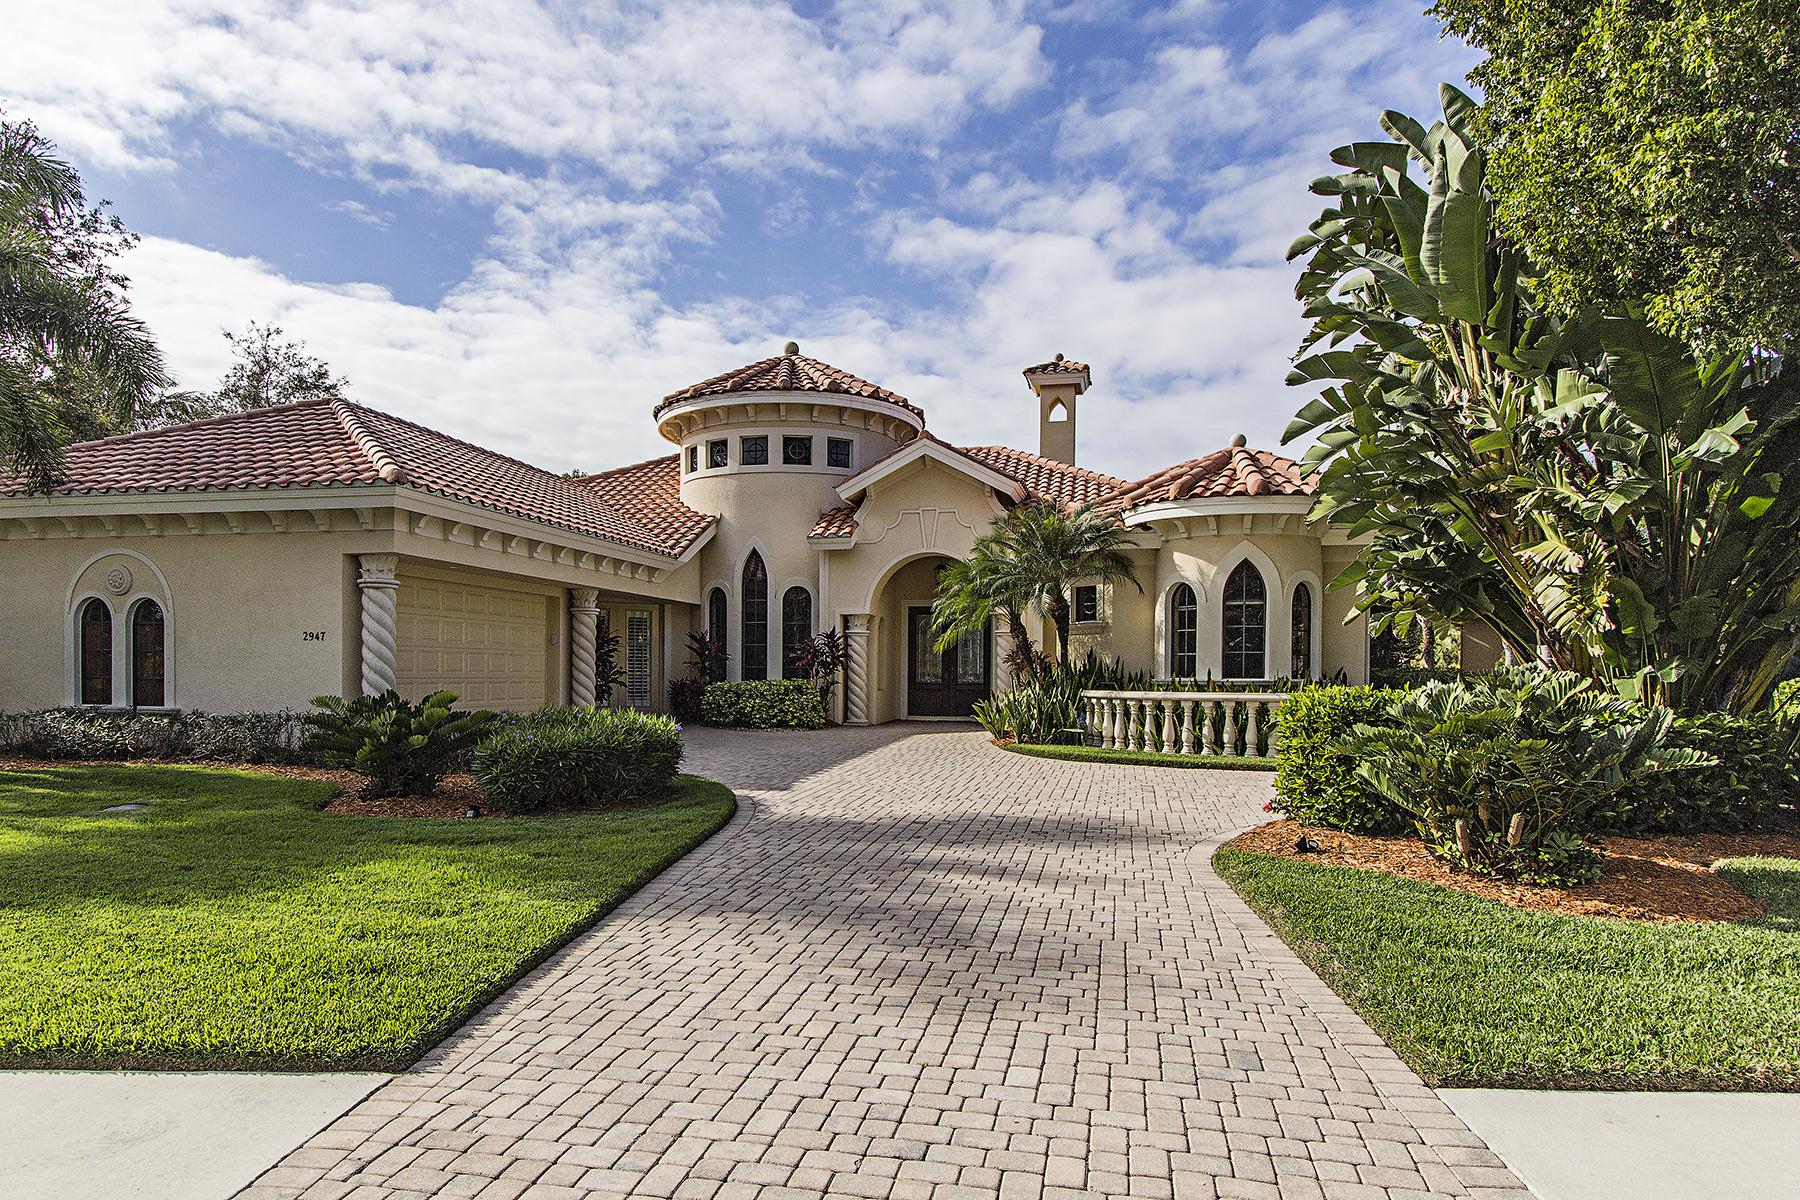 独户住宅 为 销售 在 Naples 2947 Mona Lisa Blvd 那不勒斯, 佛罗里达州, 34119 美国